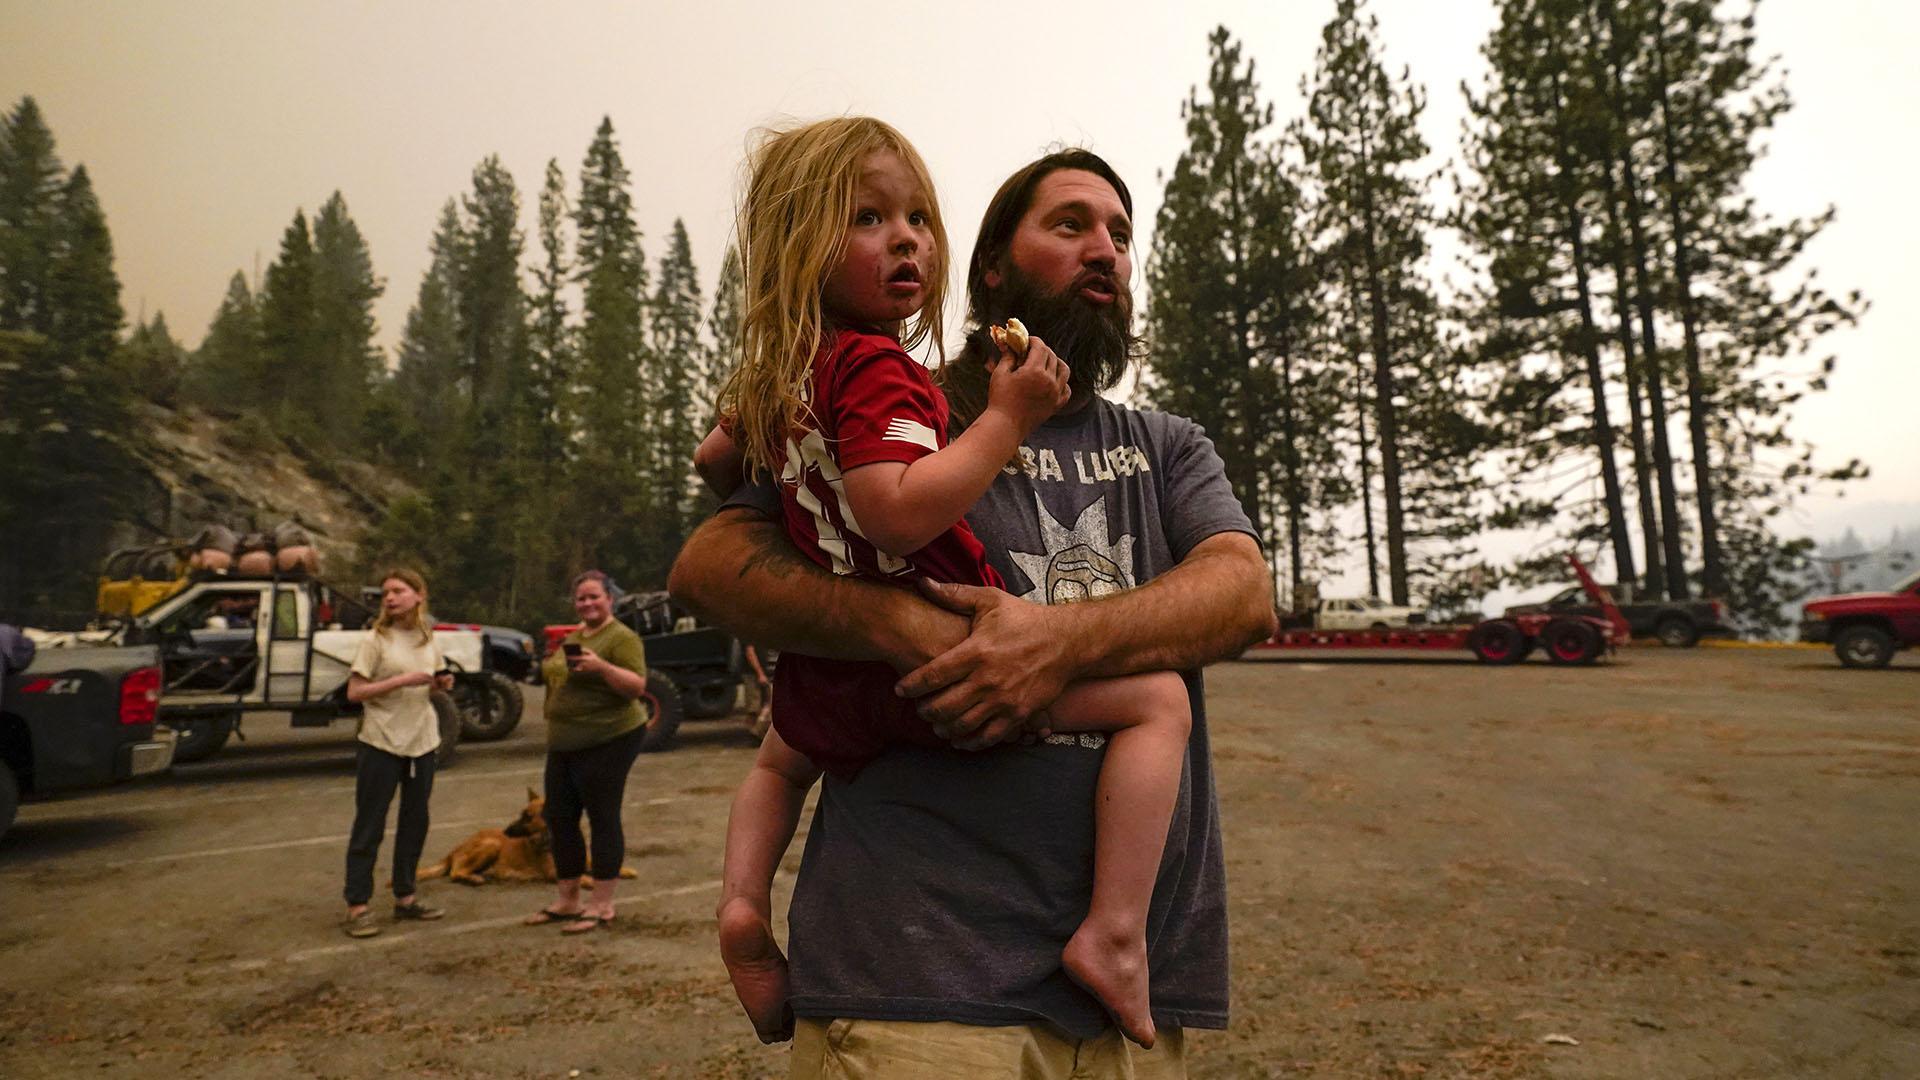 Varias comunidades en el área al noreste de Fresno recibieron la orden de evacuar debido a la amenaza inmediata a la vida. (AP/Marcio Jose Sanchez)